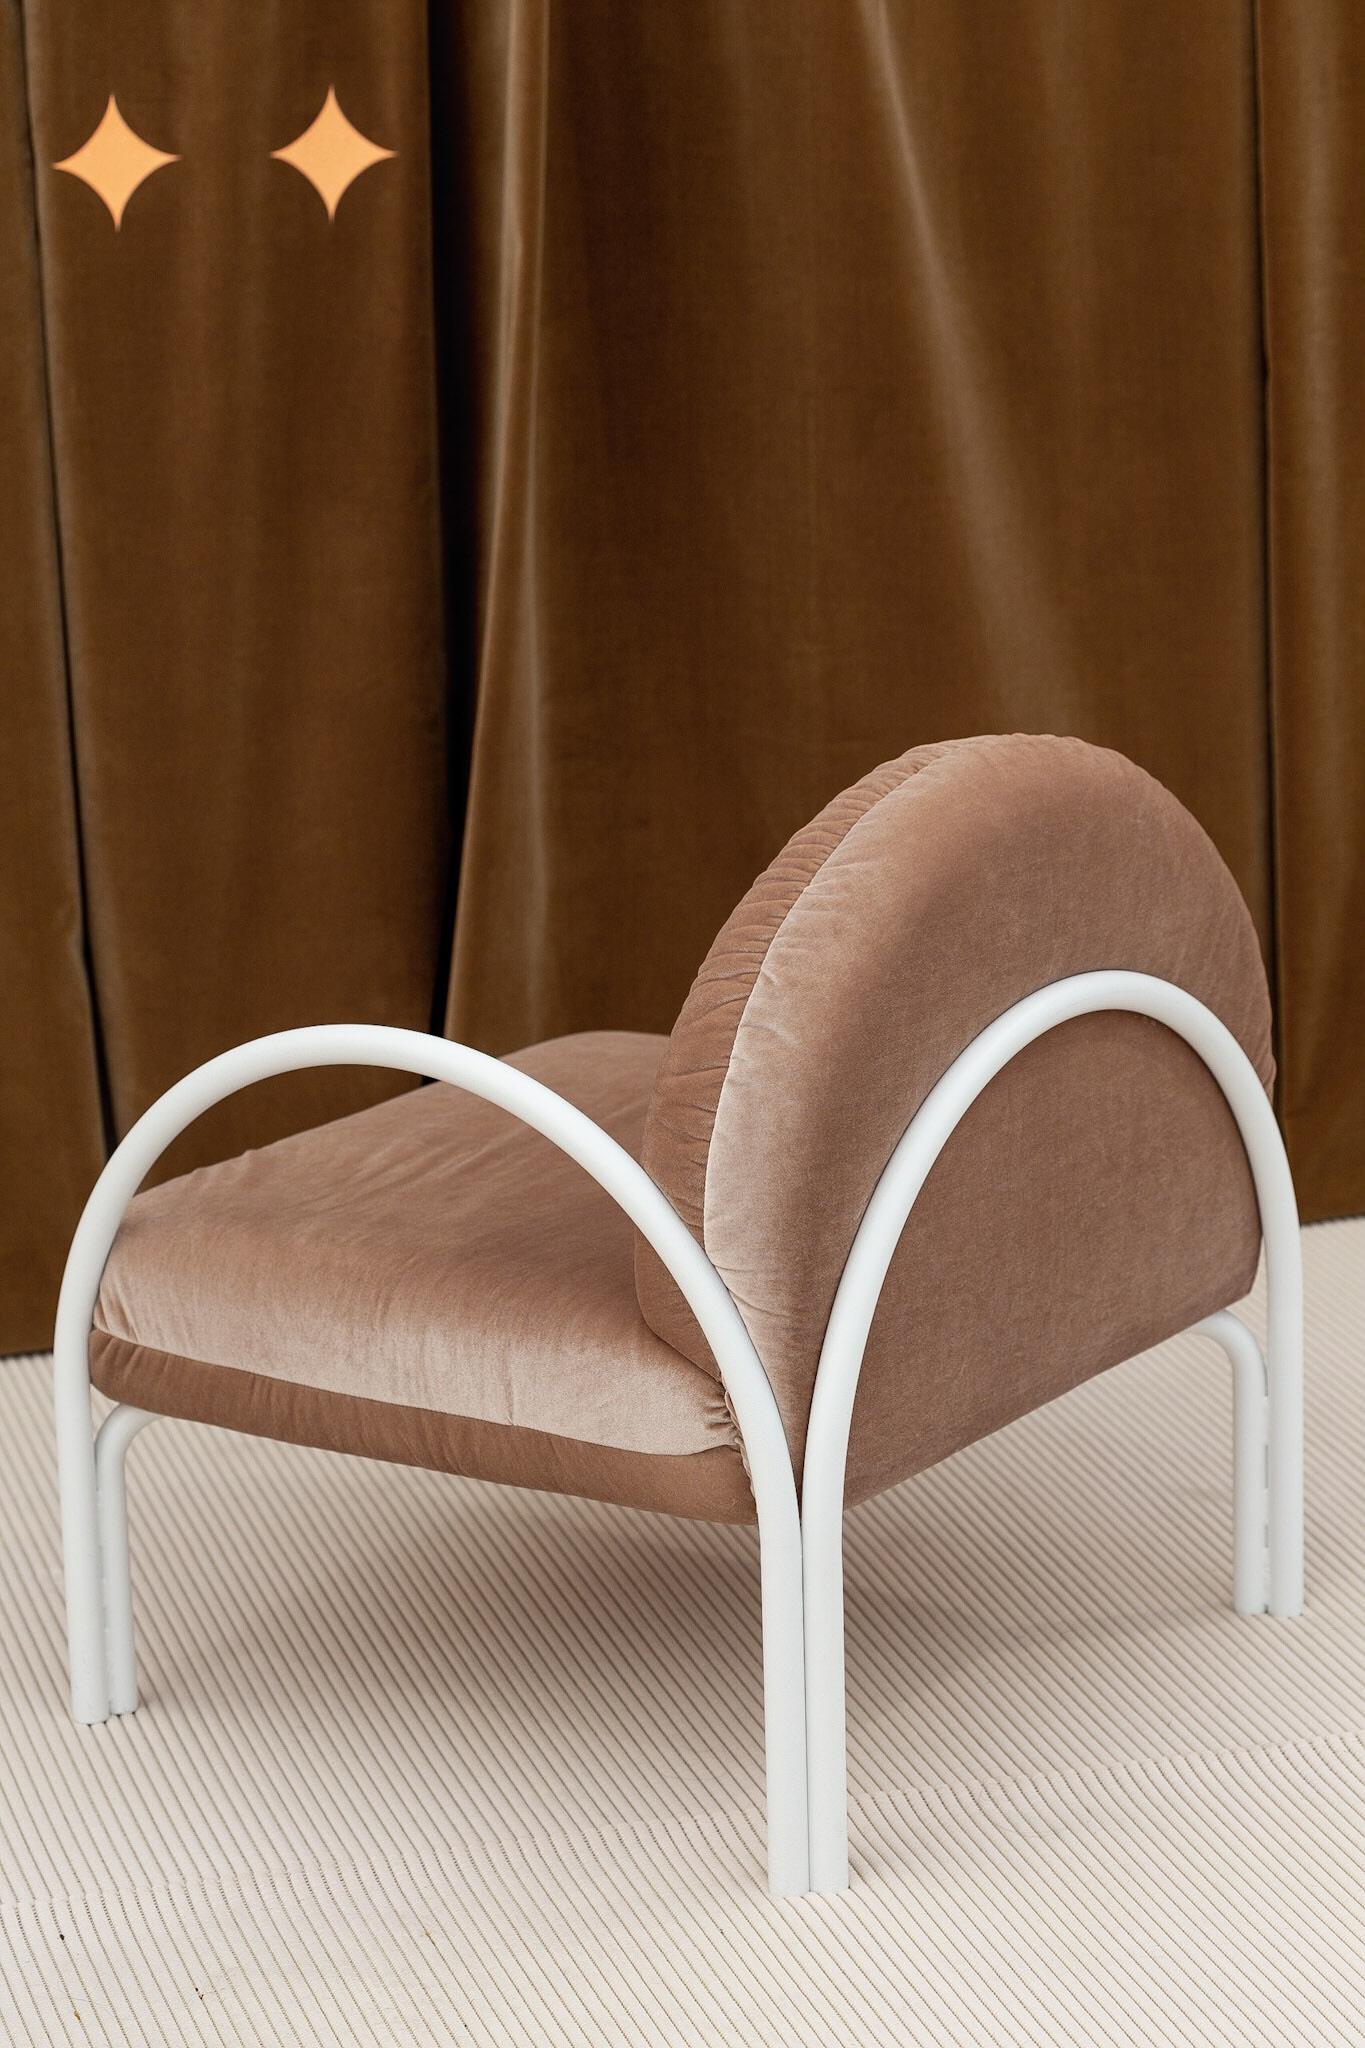 Resort chair by  Palma de Alma.